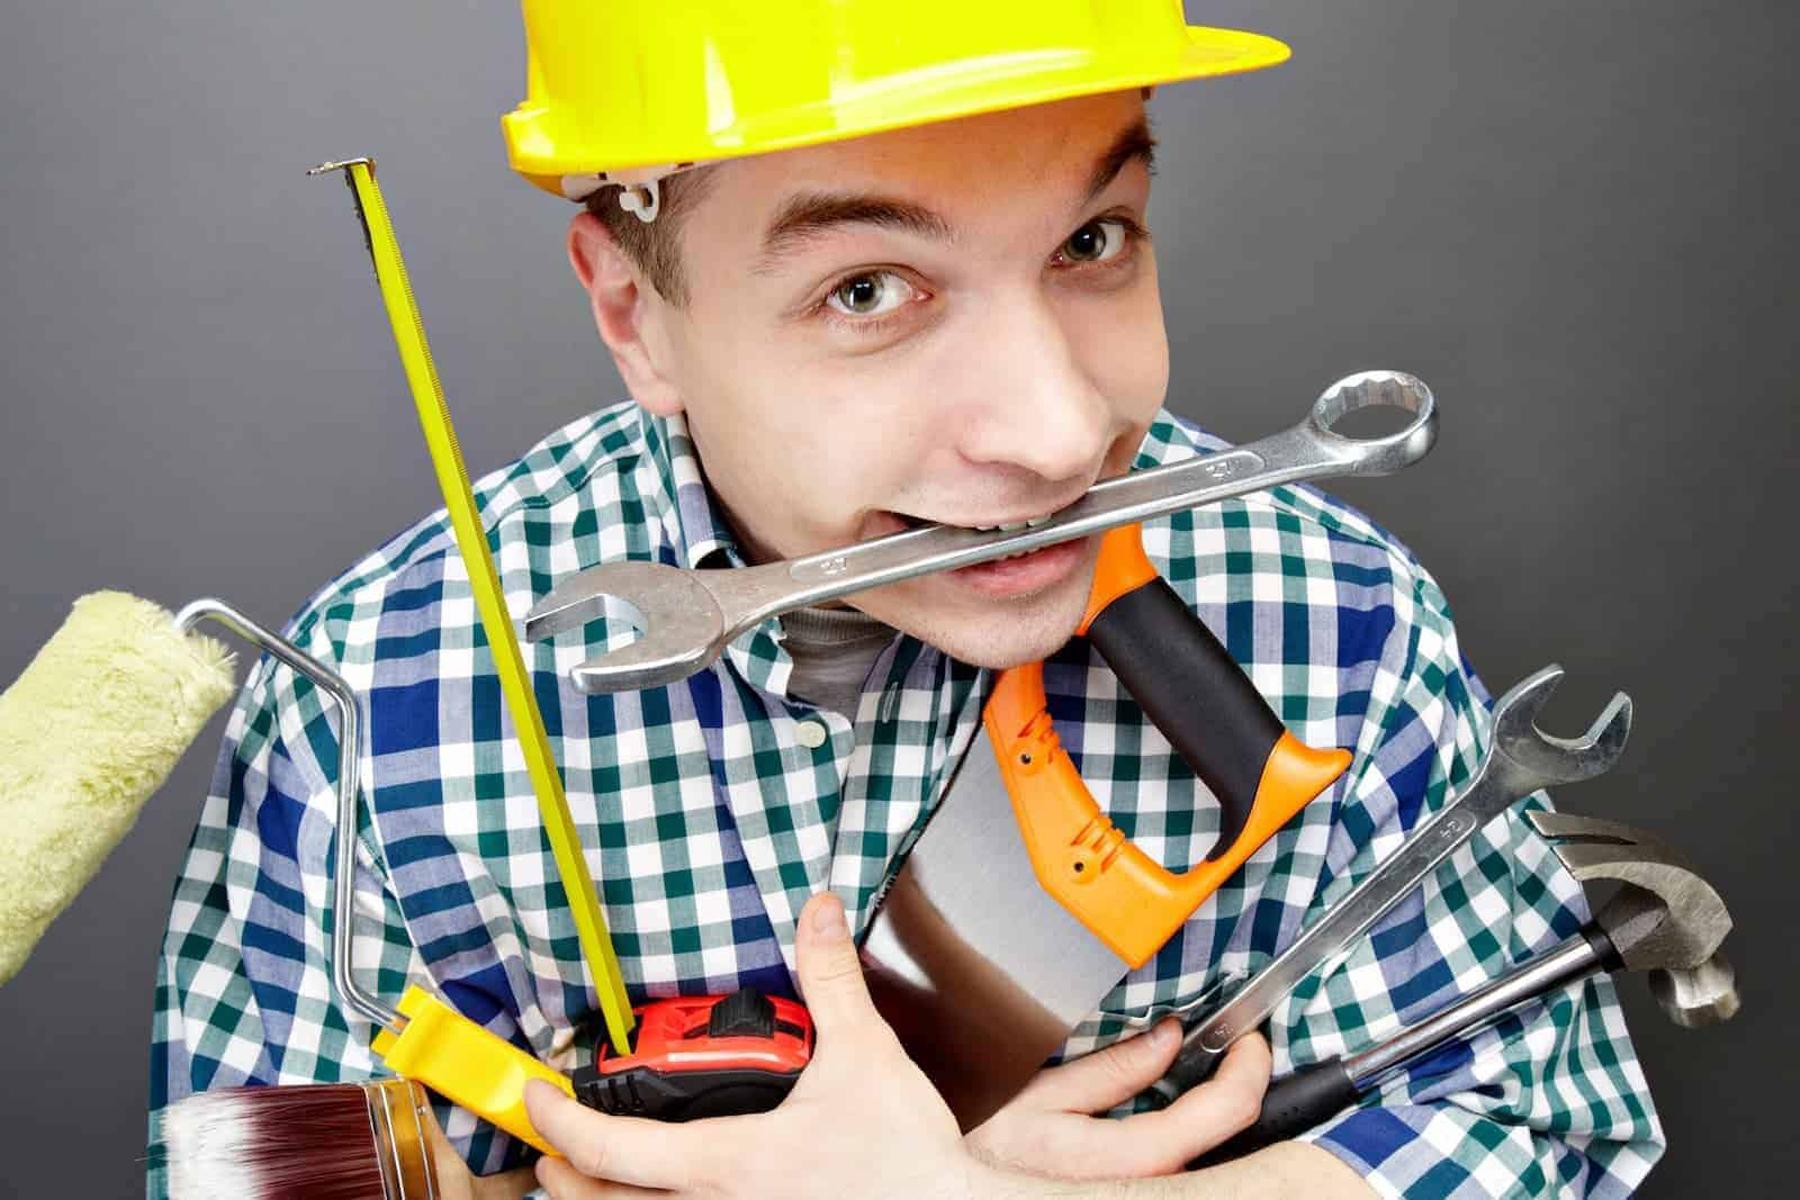 Las 20 herramientas y accesorios básicos e imprescindibles que debería tener tu caja de herramientas completa